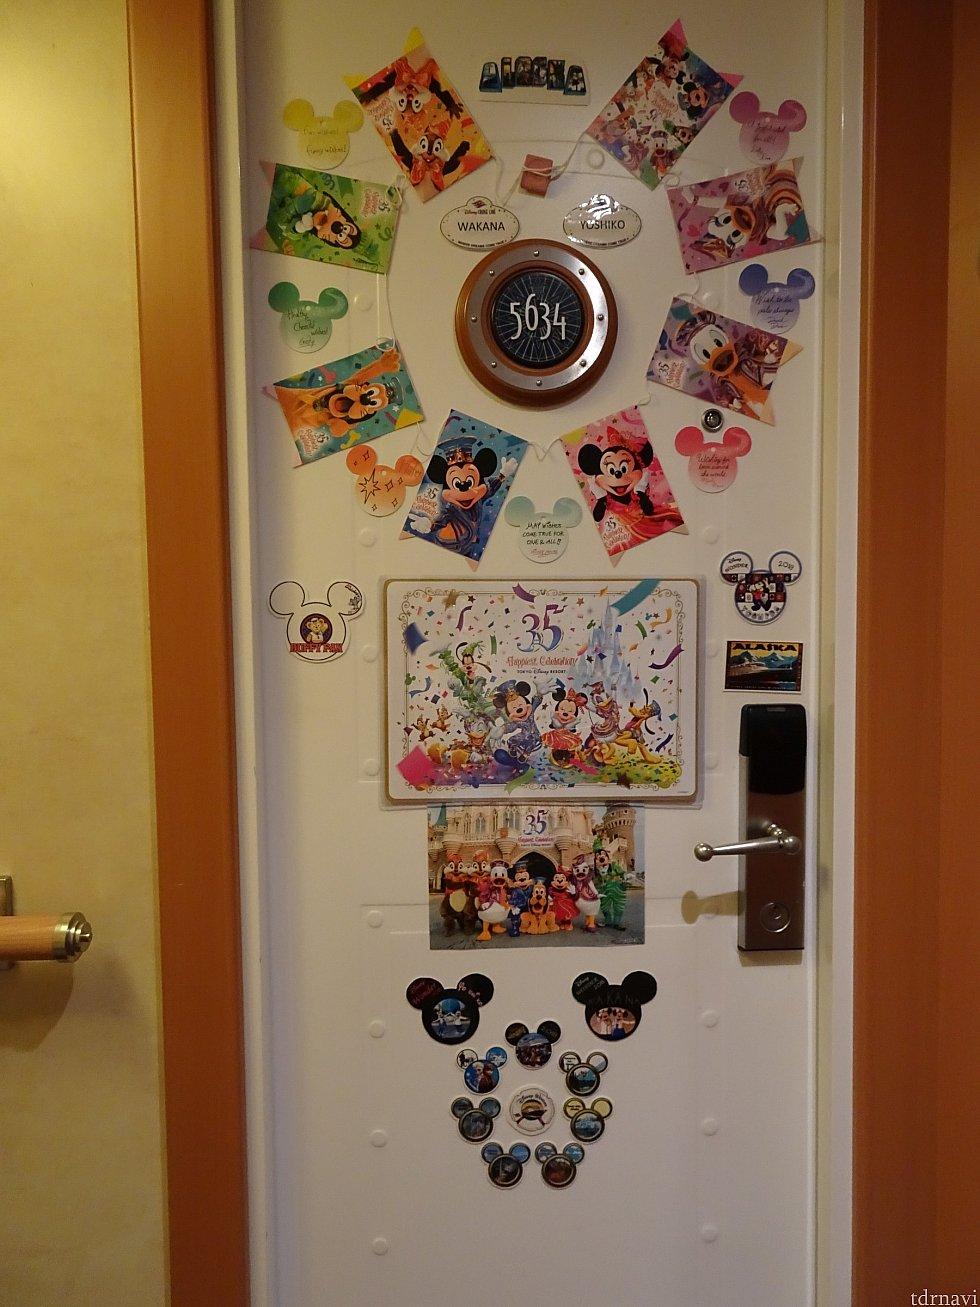 今回のドア飾りです。だいたい売り物の張り付けです。 マグネットを仕込んでドアに張り付けてます。